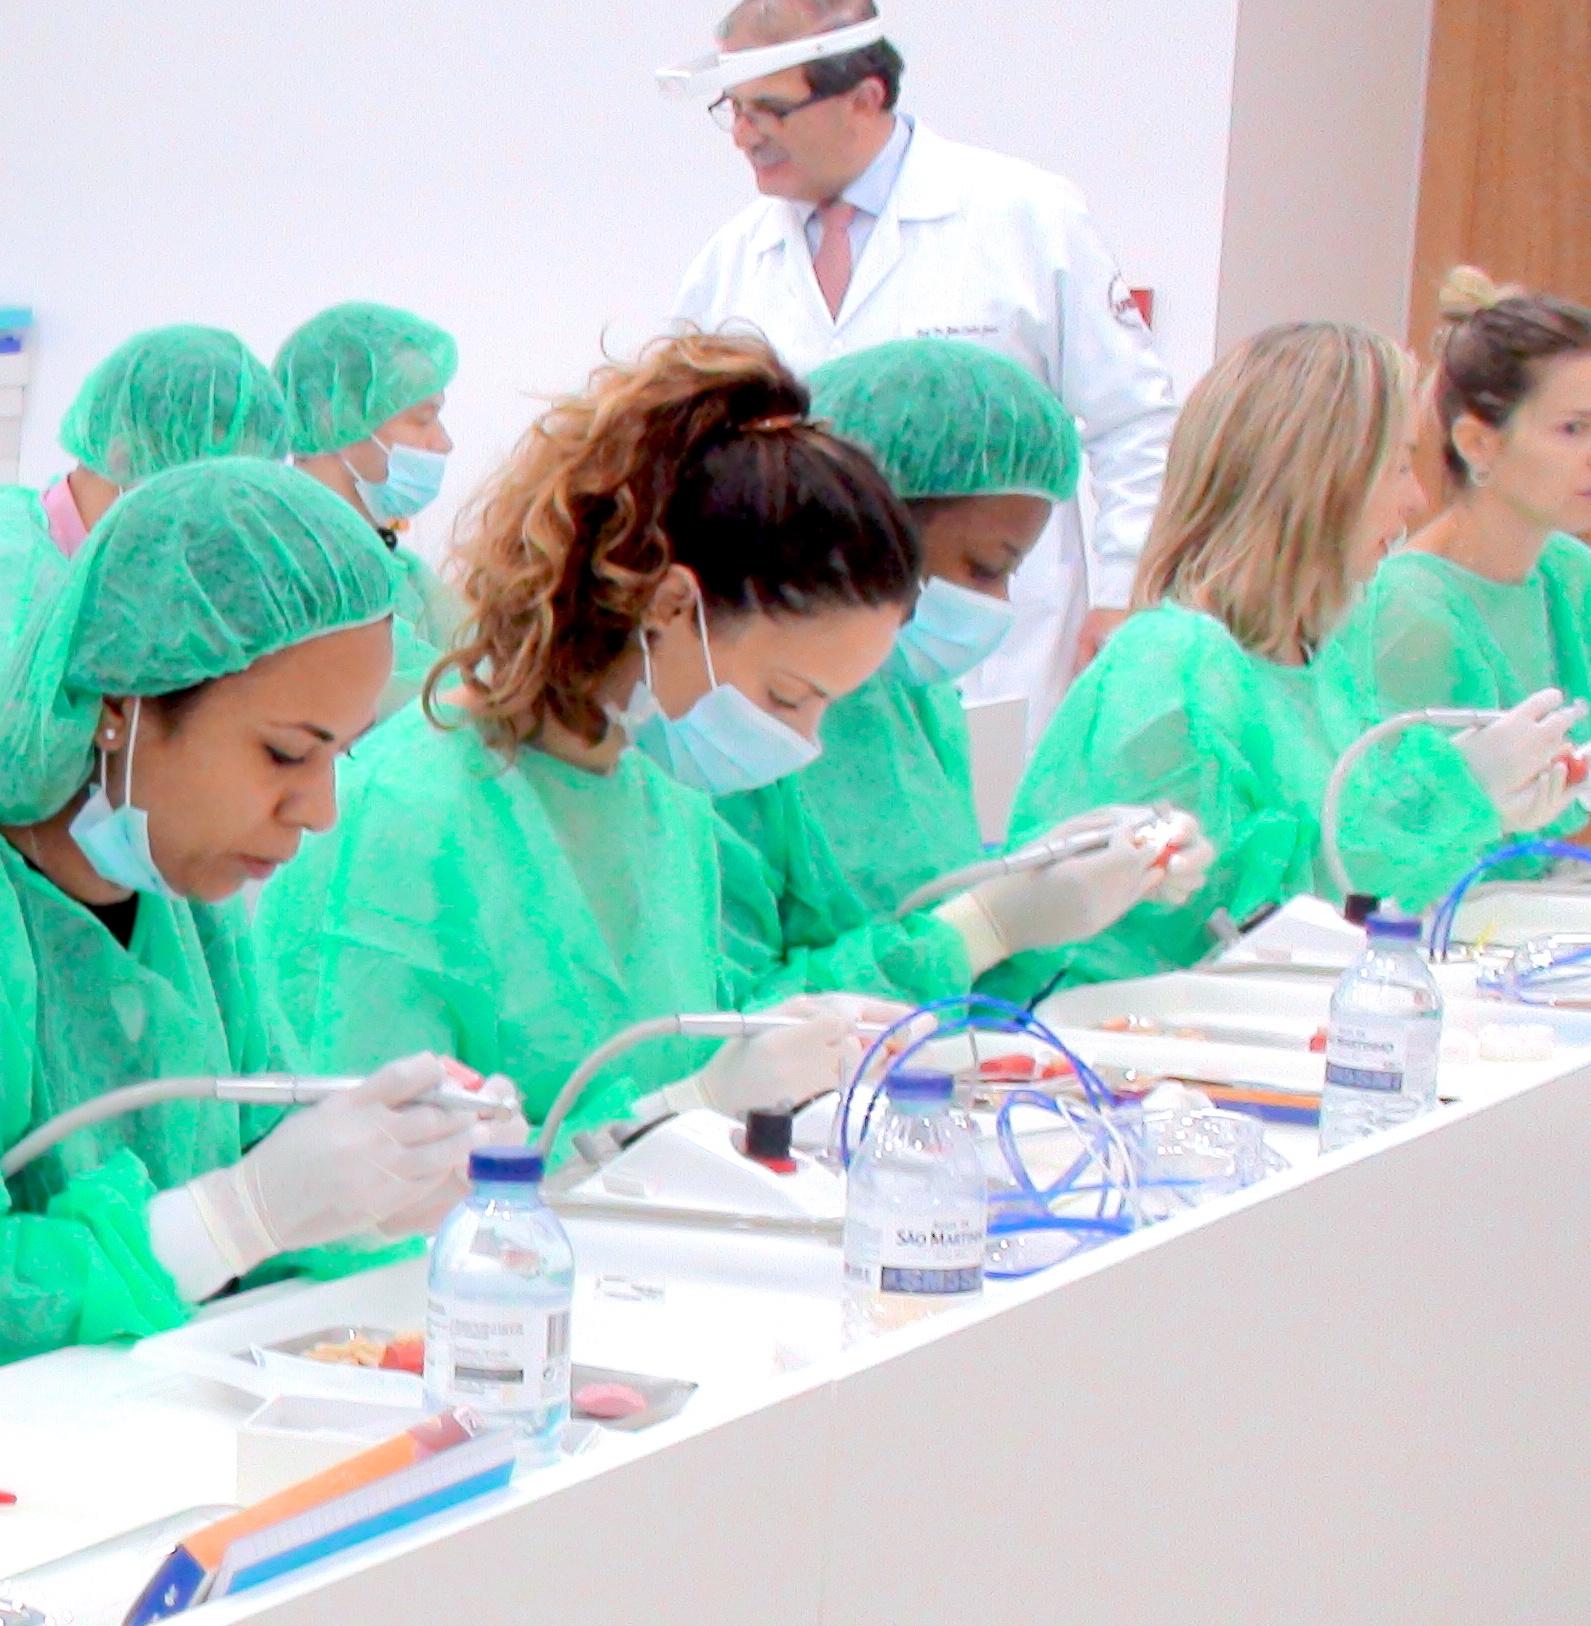 Curso de Dentisteria Estética Adesiva - fevereiro 2019